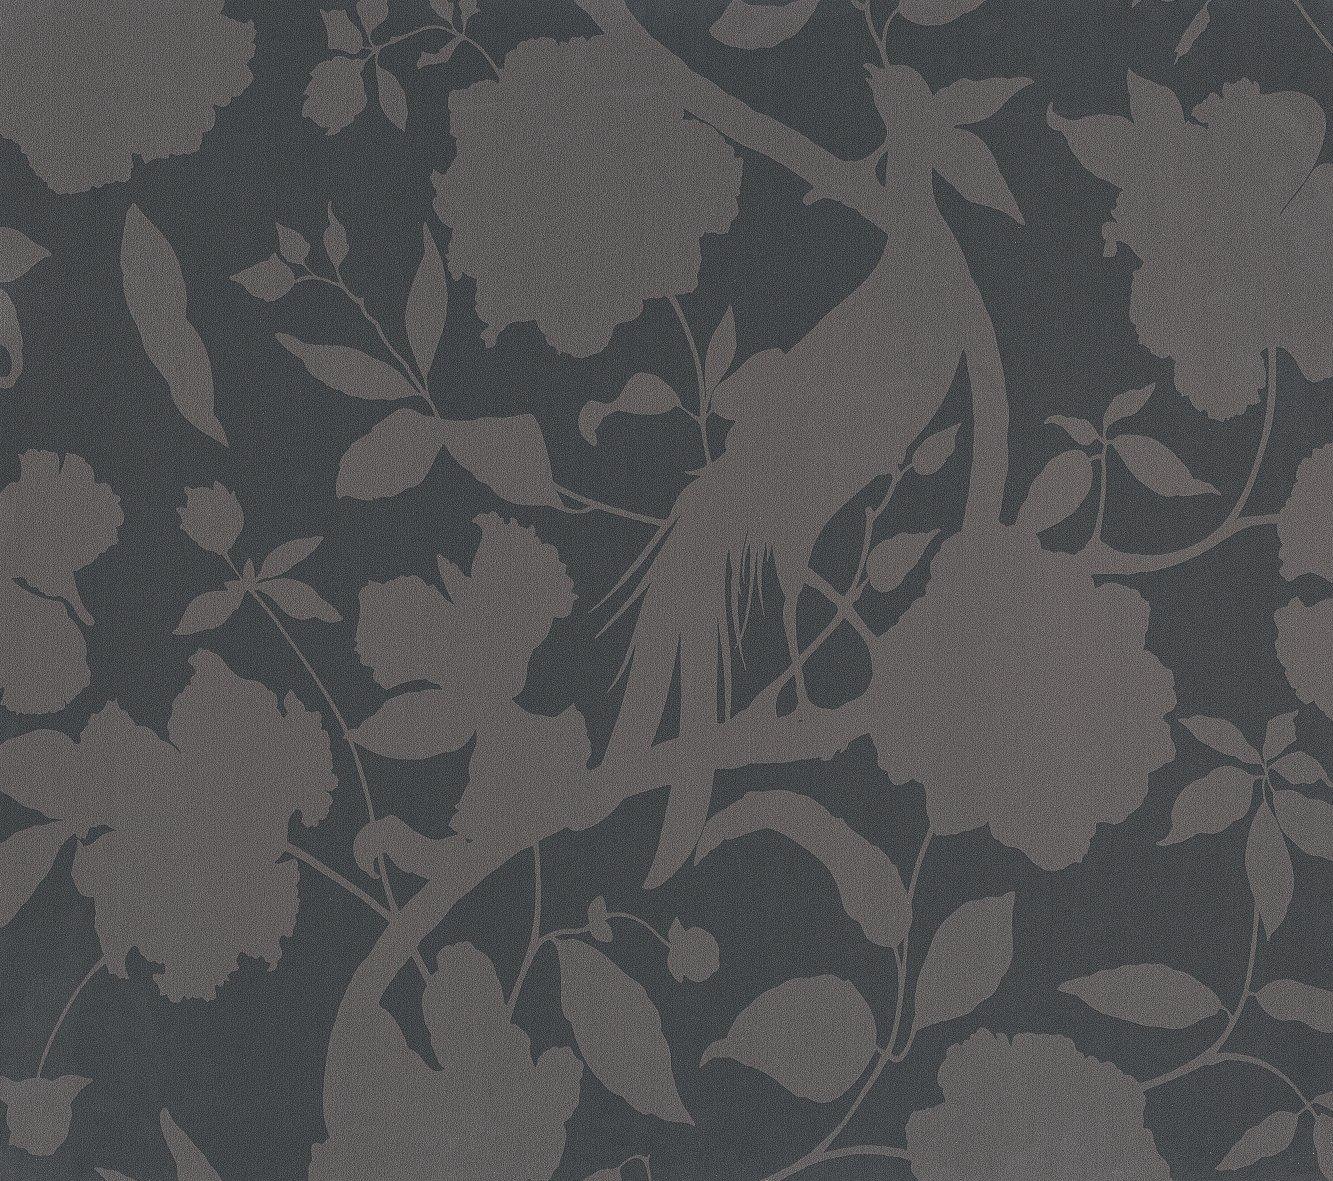 con dise/ño floral 1 rollo color gris Equipo DRT Senso Papel pintado